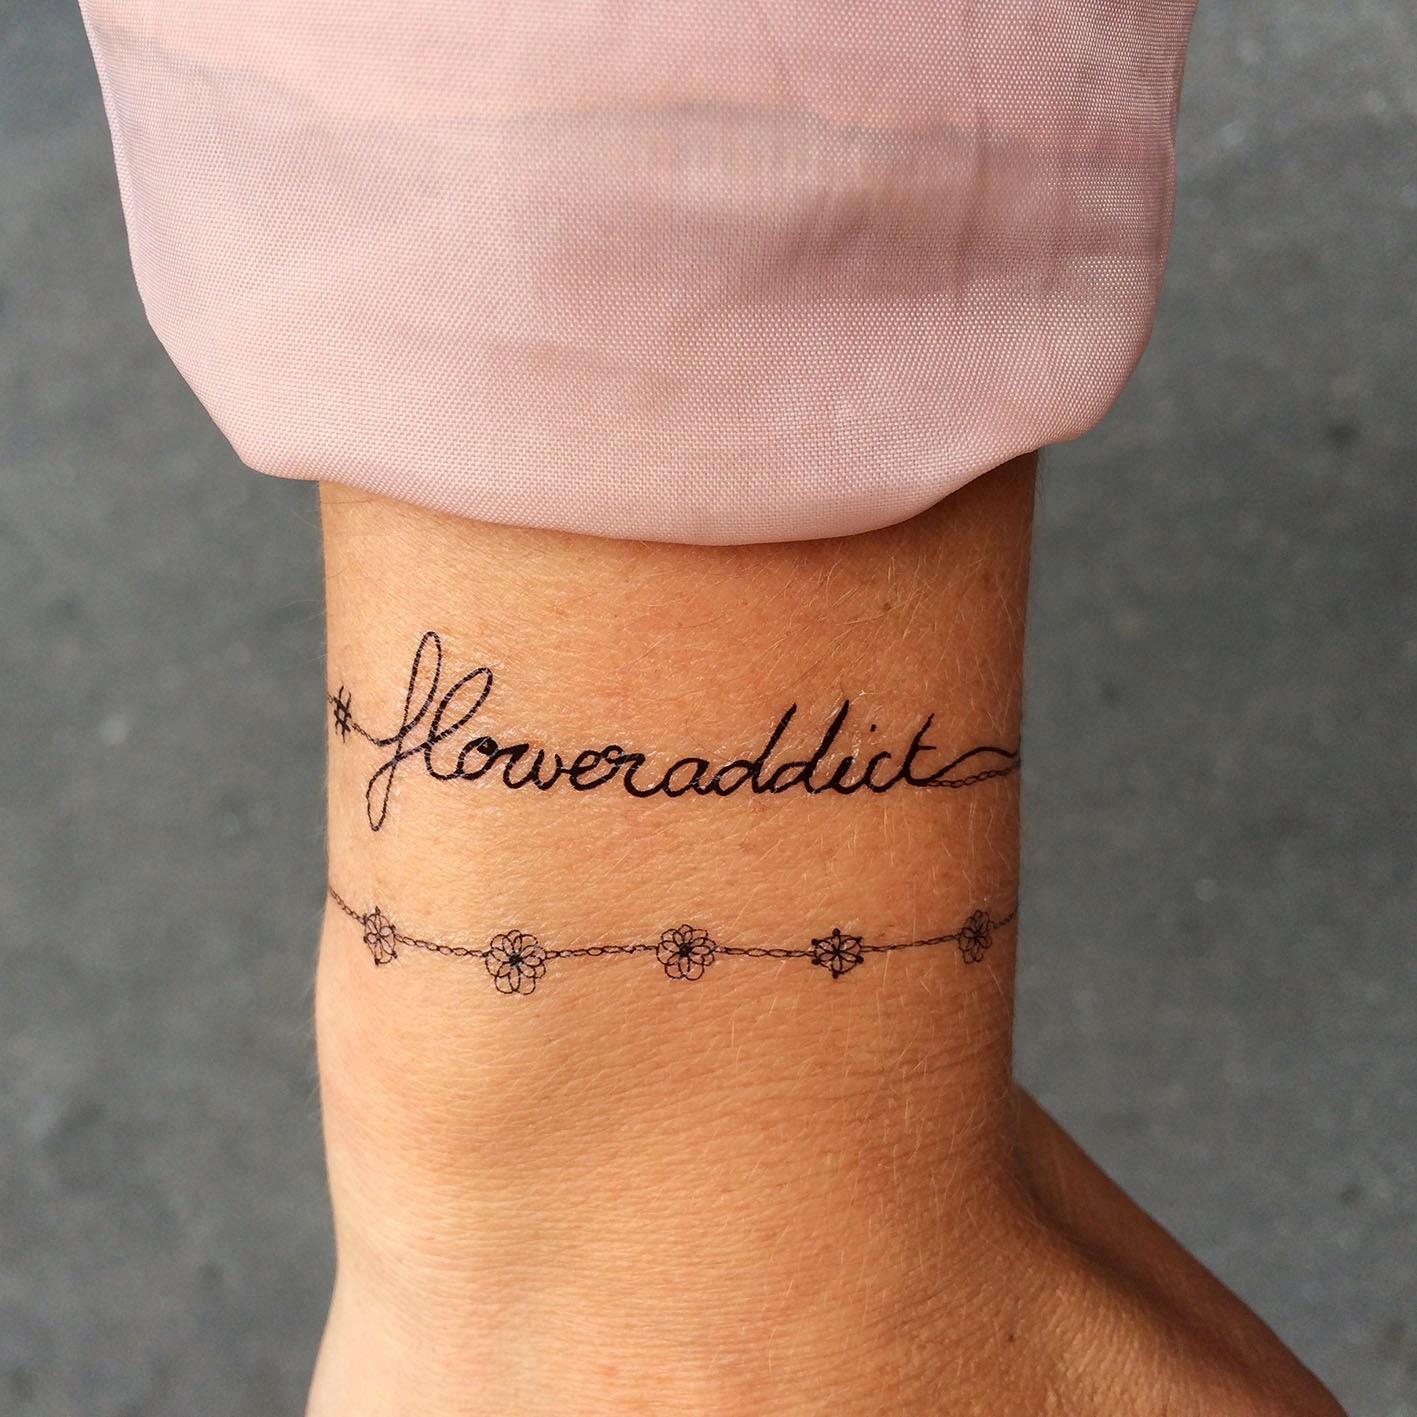 Boutique Tatouage Temporaire - Boutique Tattoo LifeStyle Vente de tatouages temporaires